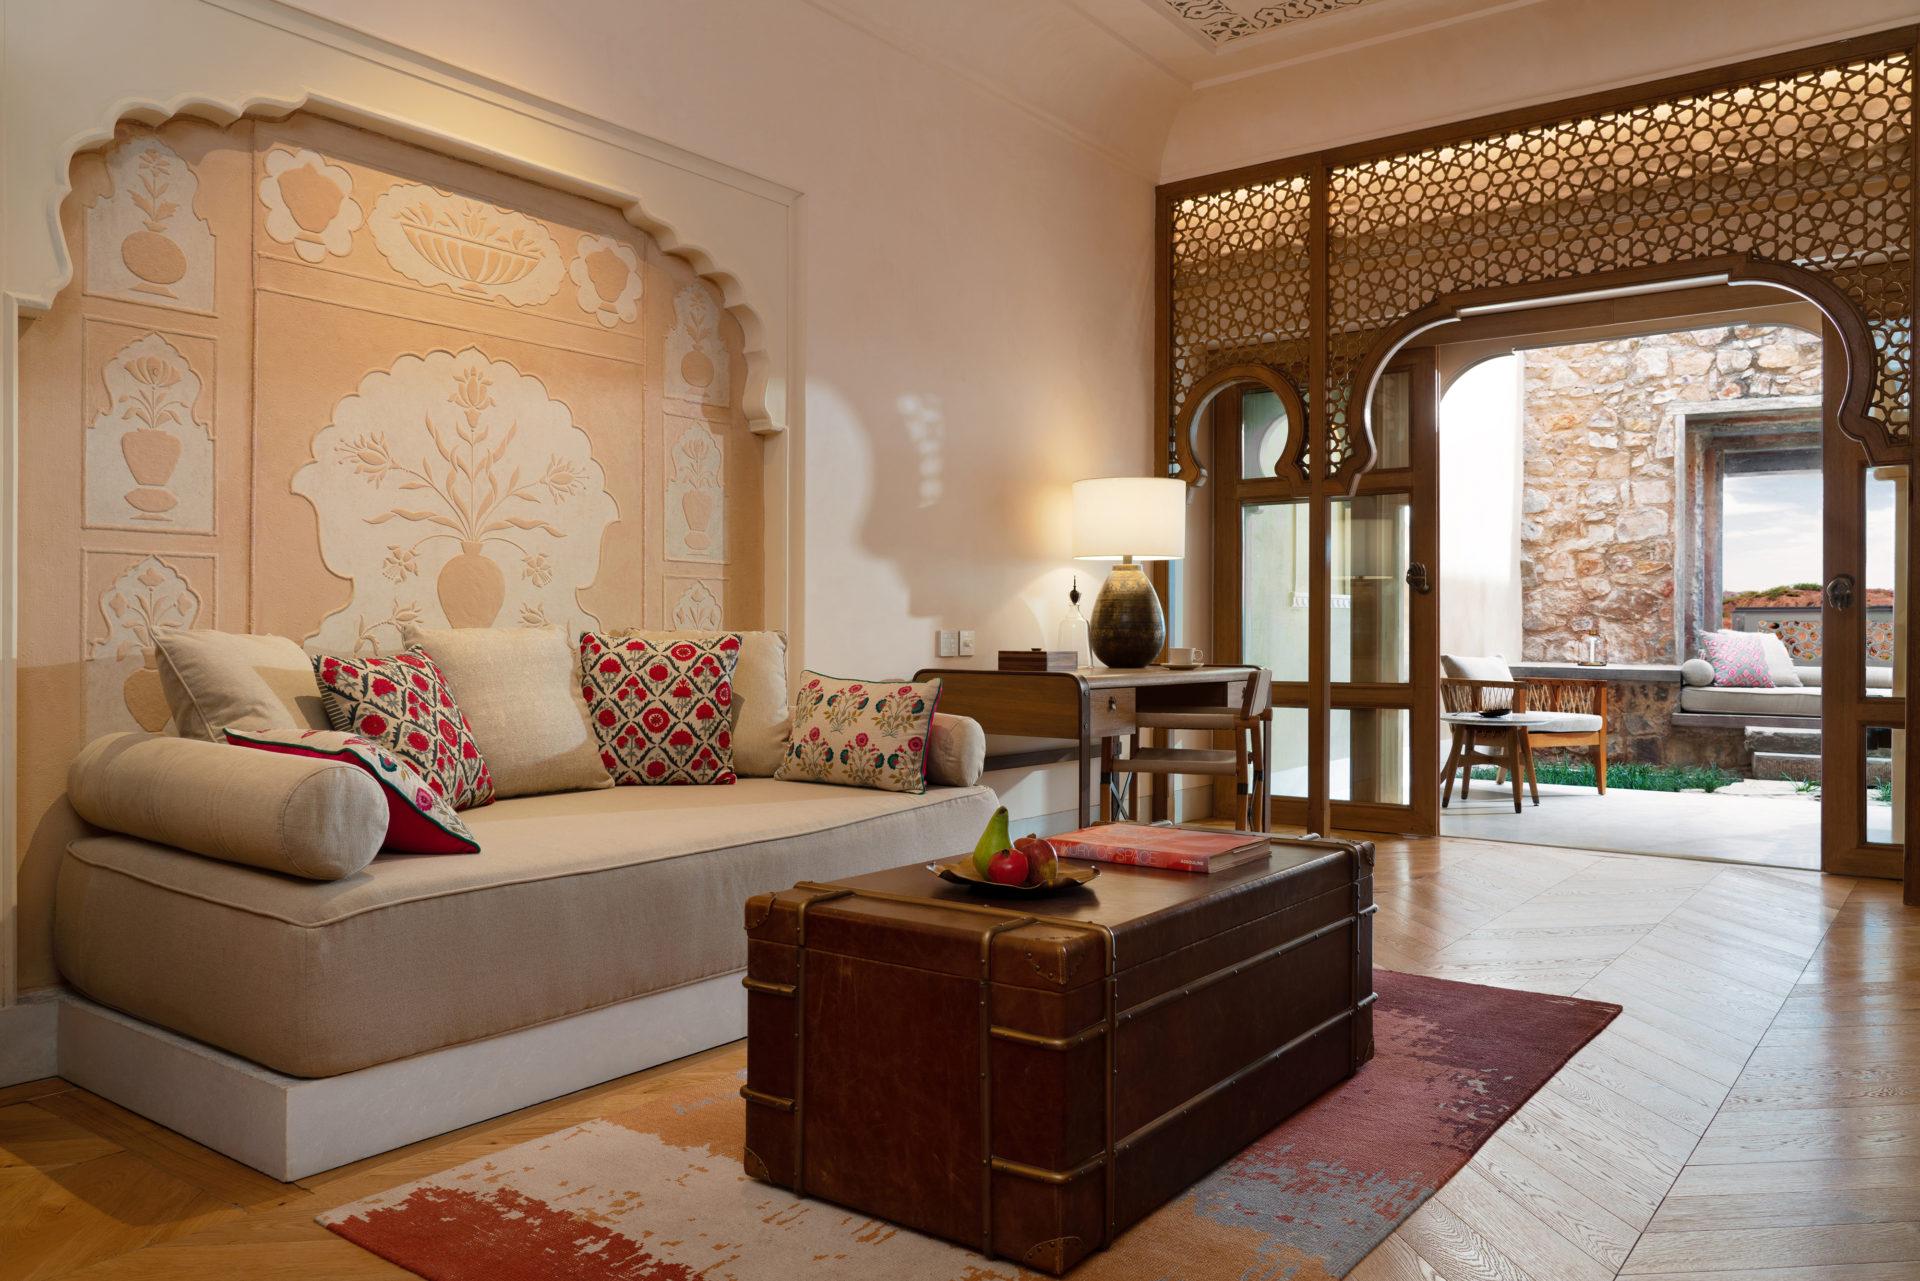 fort_barwara_india_deluxe_barwara_suite_living_room